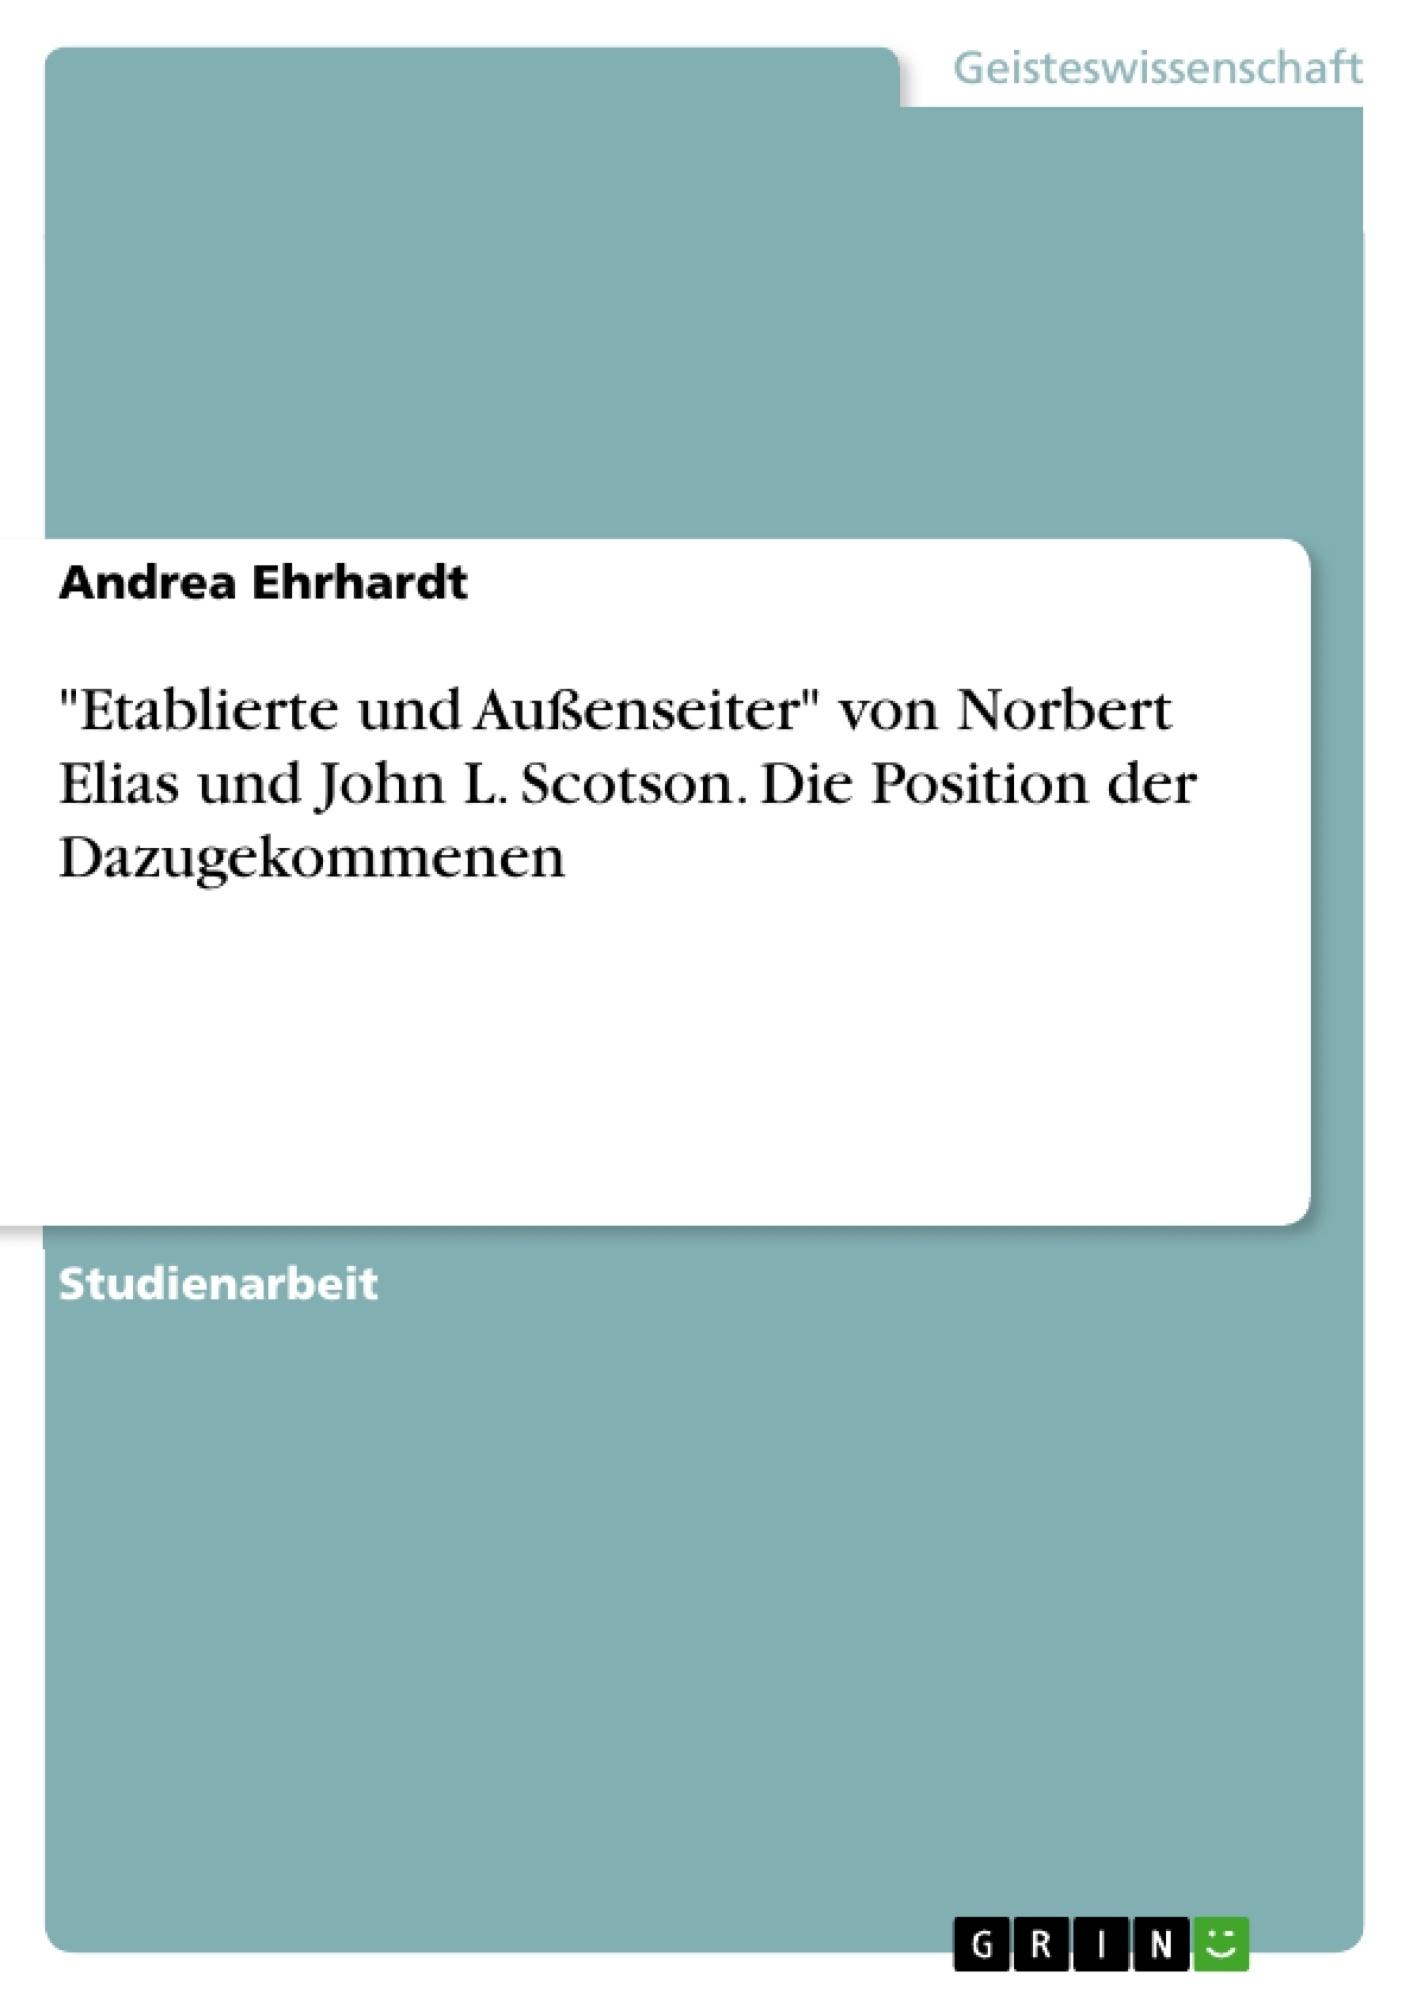 """Titel: """"Etablierte und Außenseiter"""" von Norbert Elias und John L. Scotson. Die Position der Dazugekommenen"""